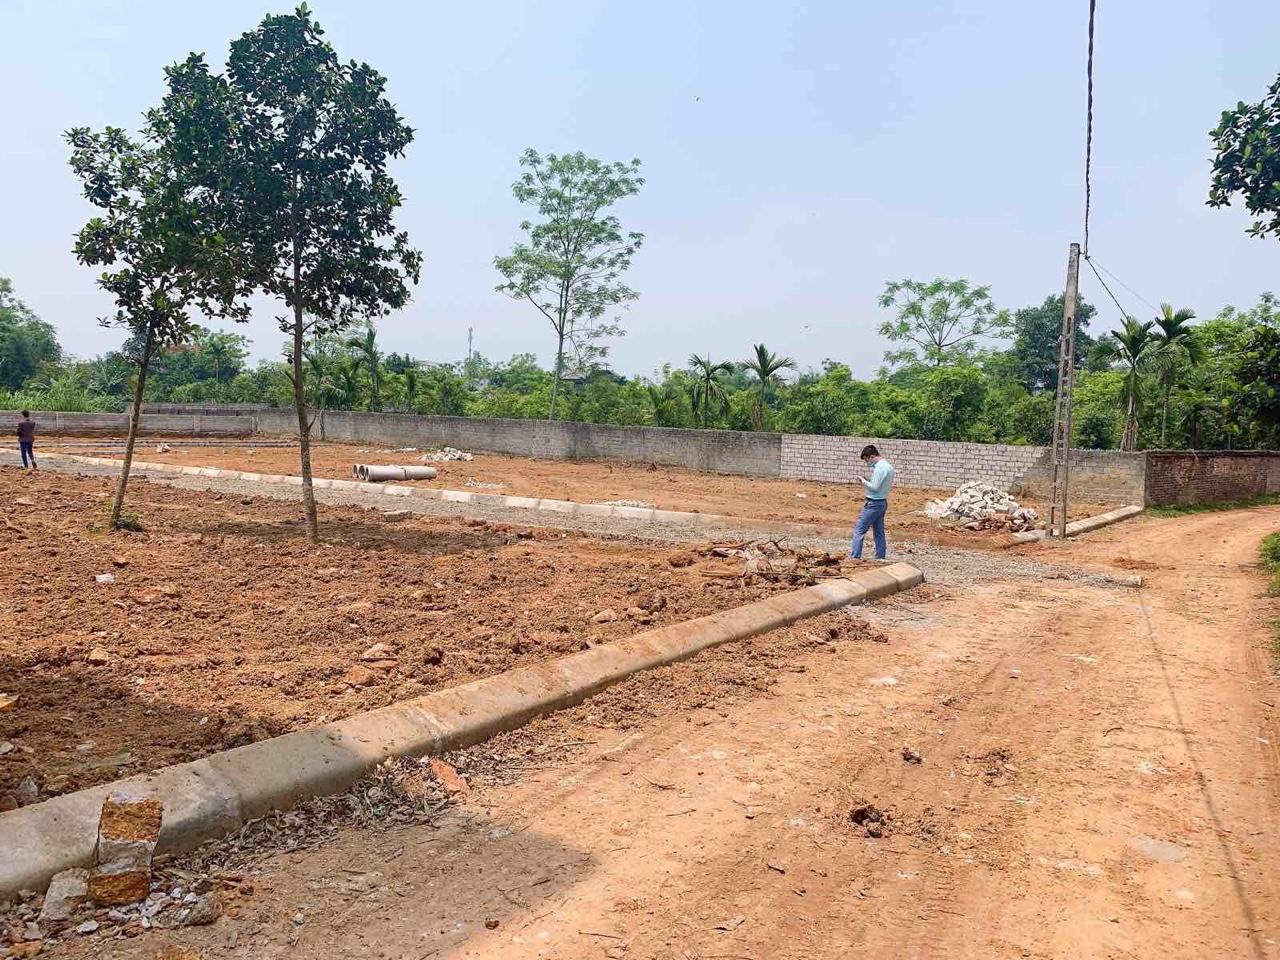 Đất phân lô giá rẻ ở vùng quê